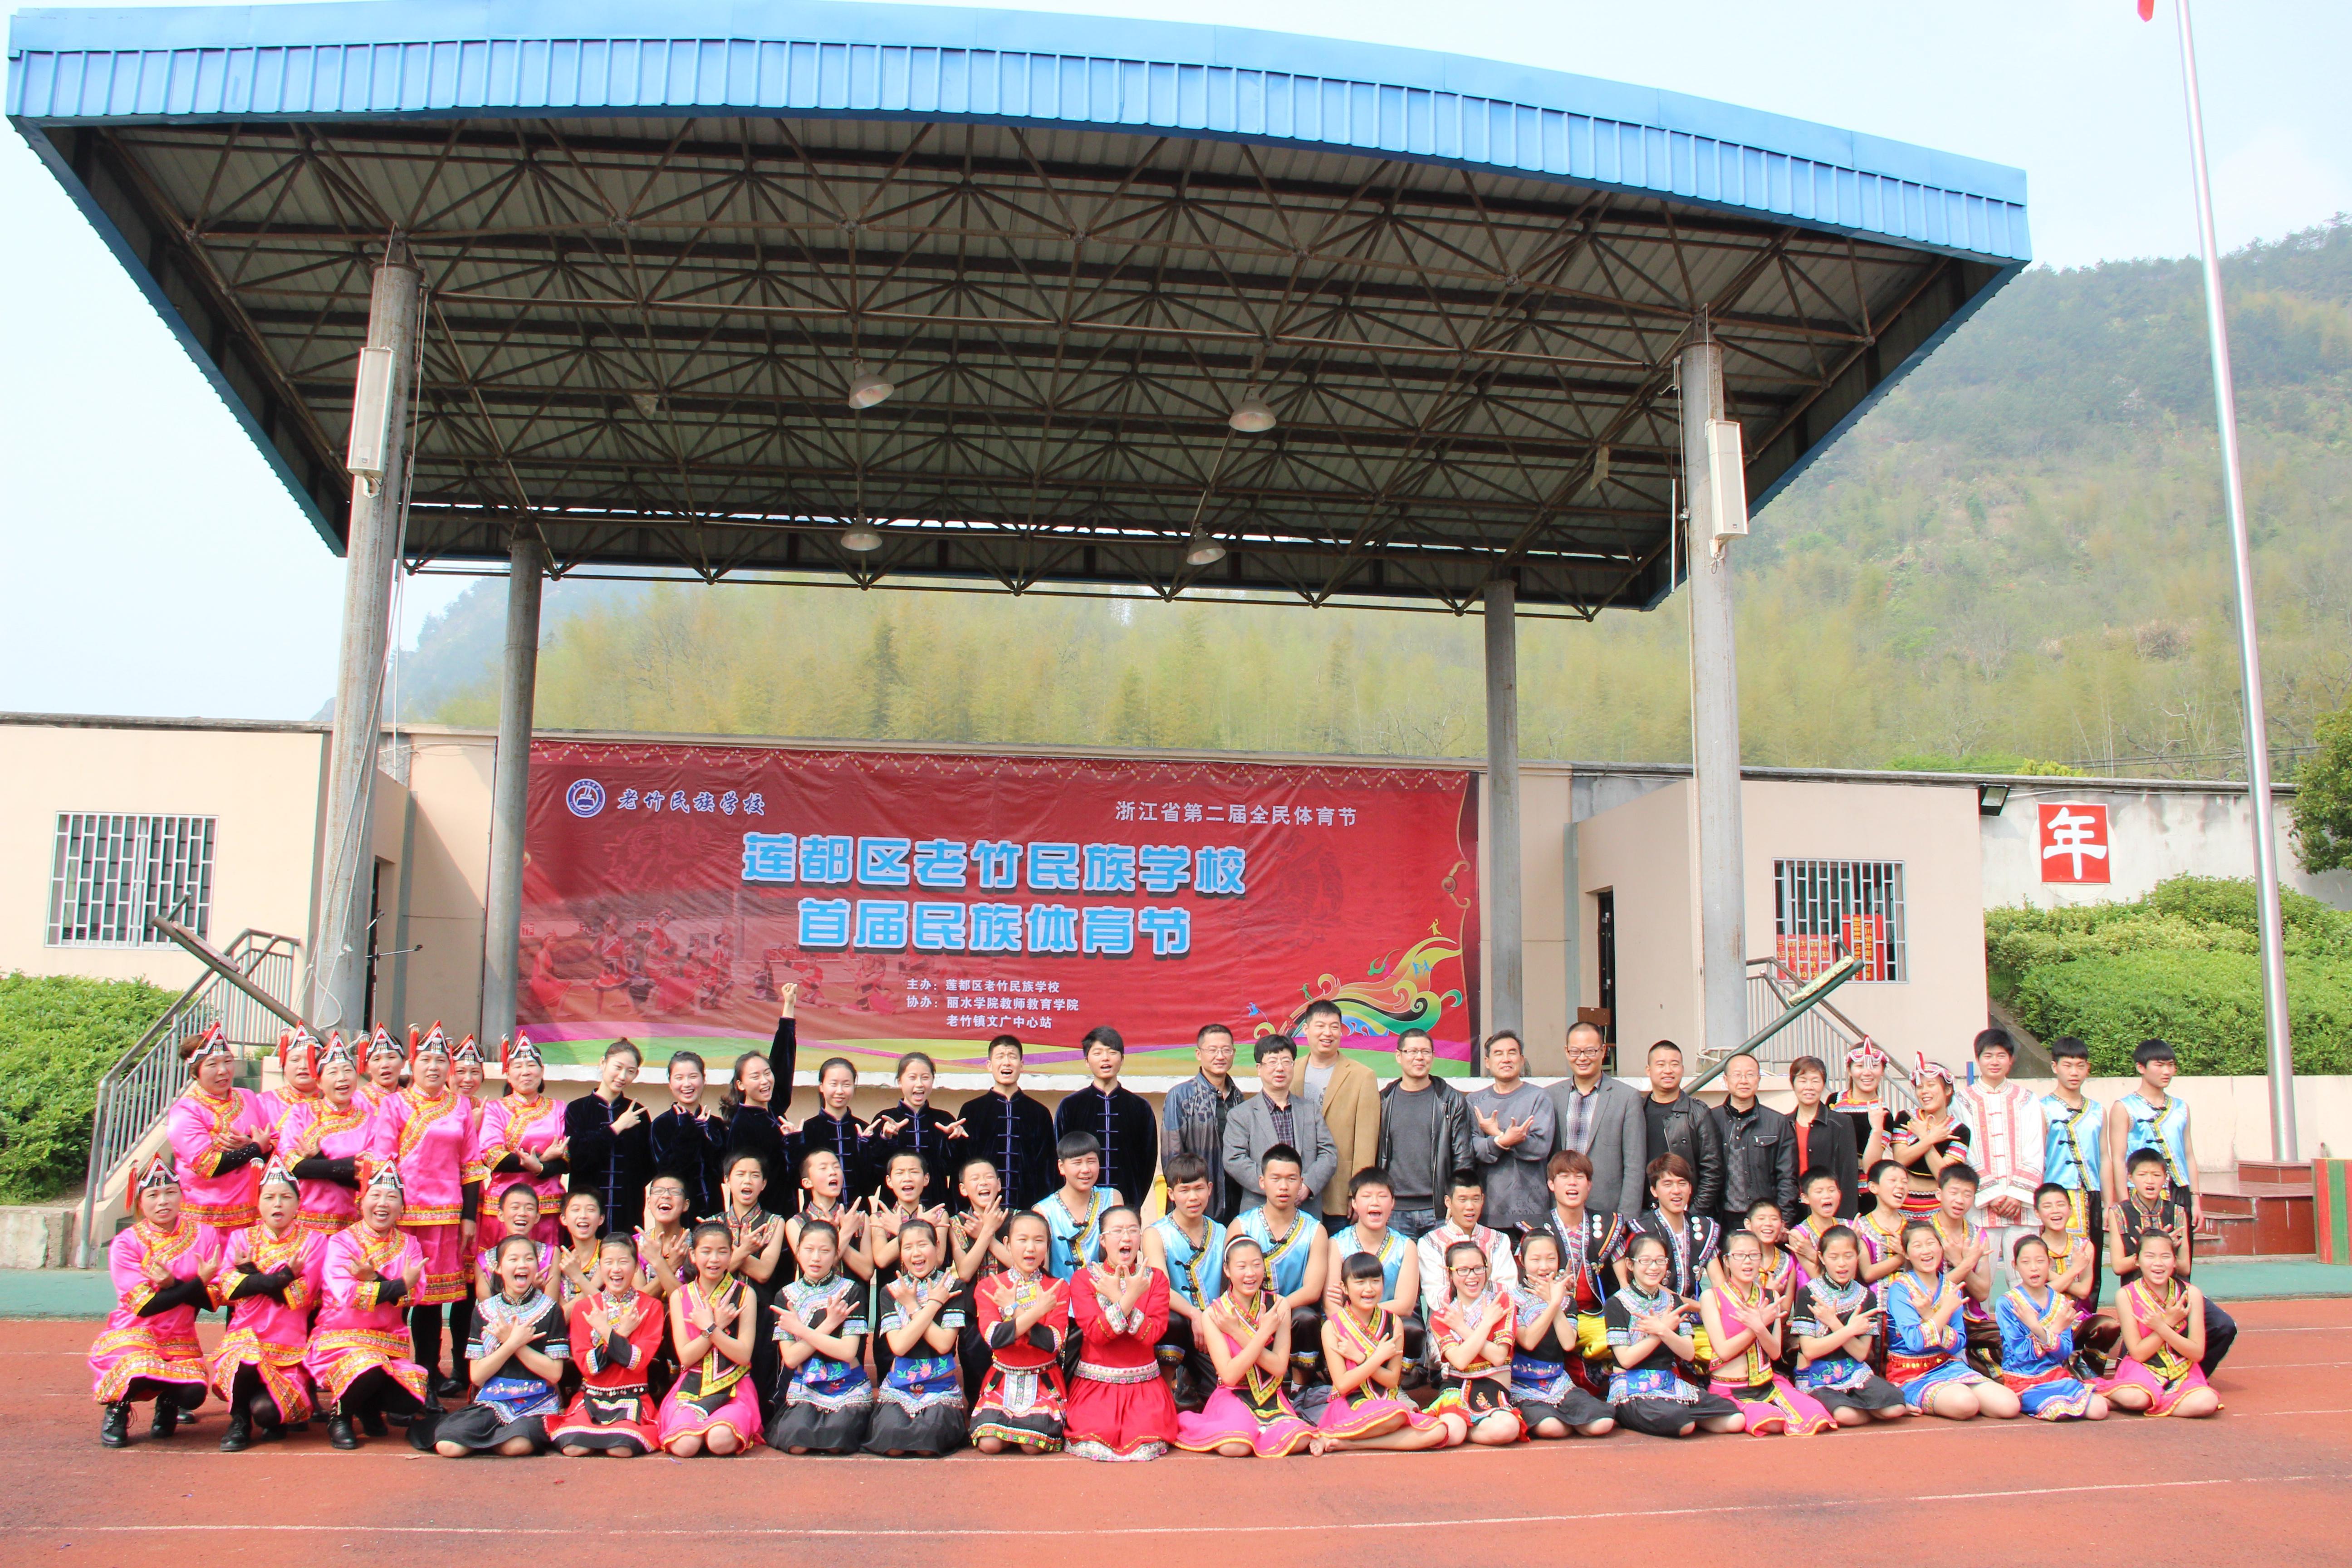 【莲都区】老竹民族学校举行民族体育节